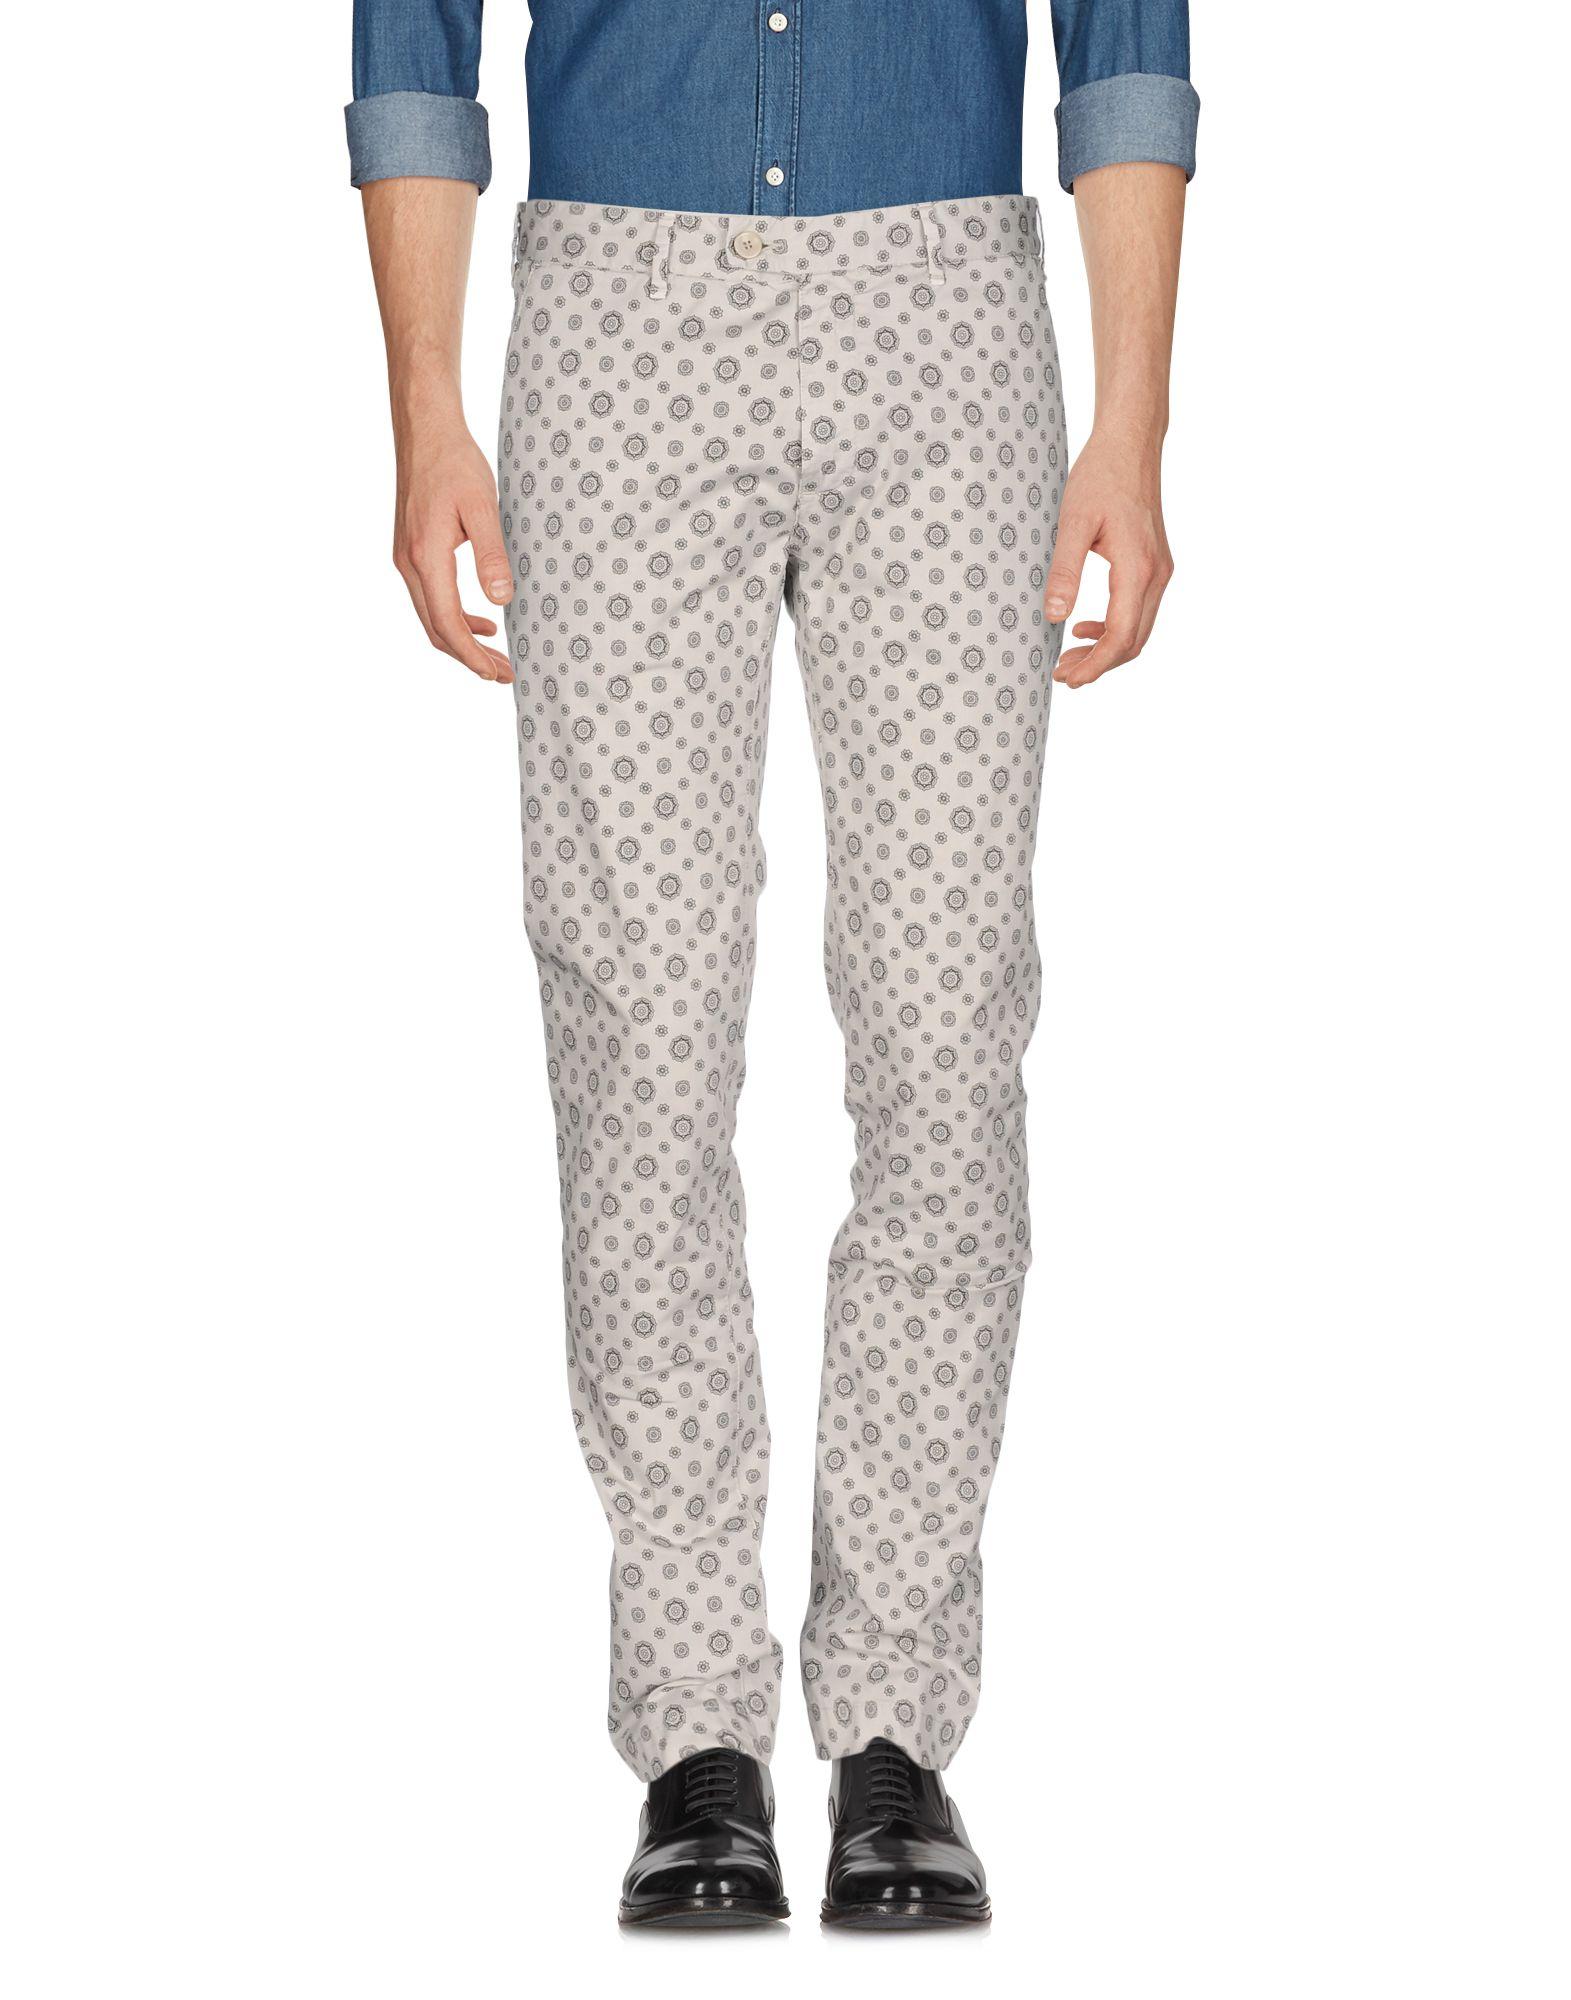 PERFECTION Повседневные брюки geedo повседневные брюки весна лето и осень молодежные повседневные брюки мужчины тонкие стрейч жесткие брюки пара 1721 черный 2xl